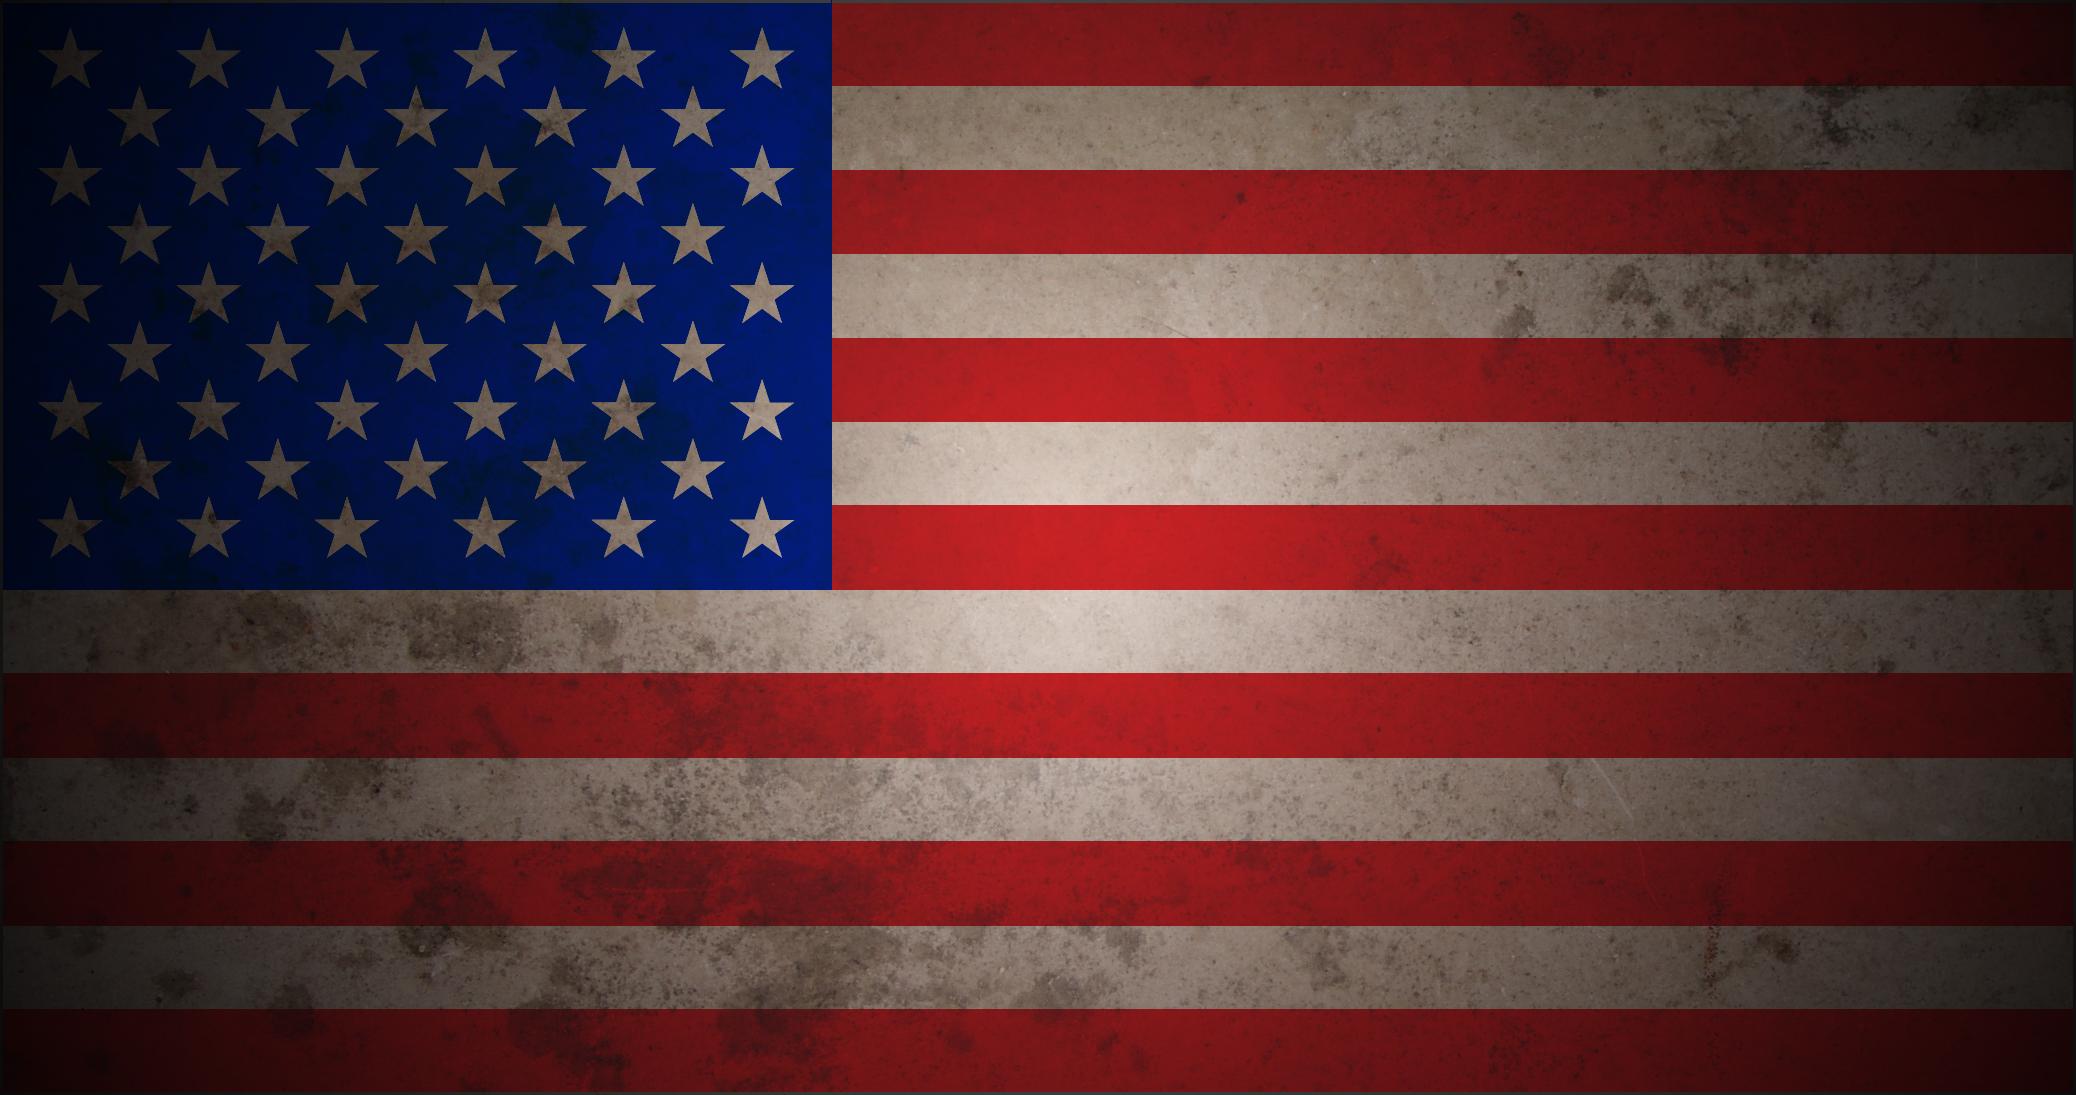 Hd us flag wallpaper wallpapersafari - American flag hd ...